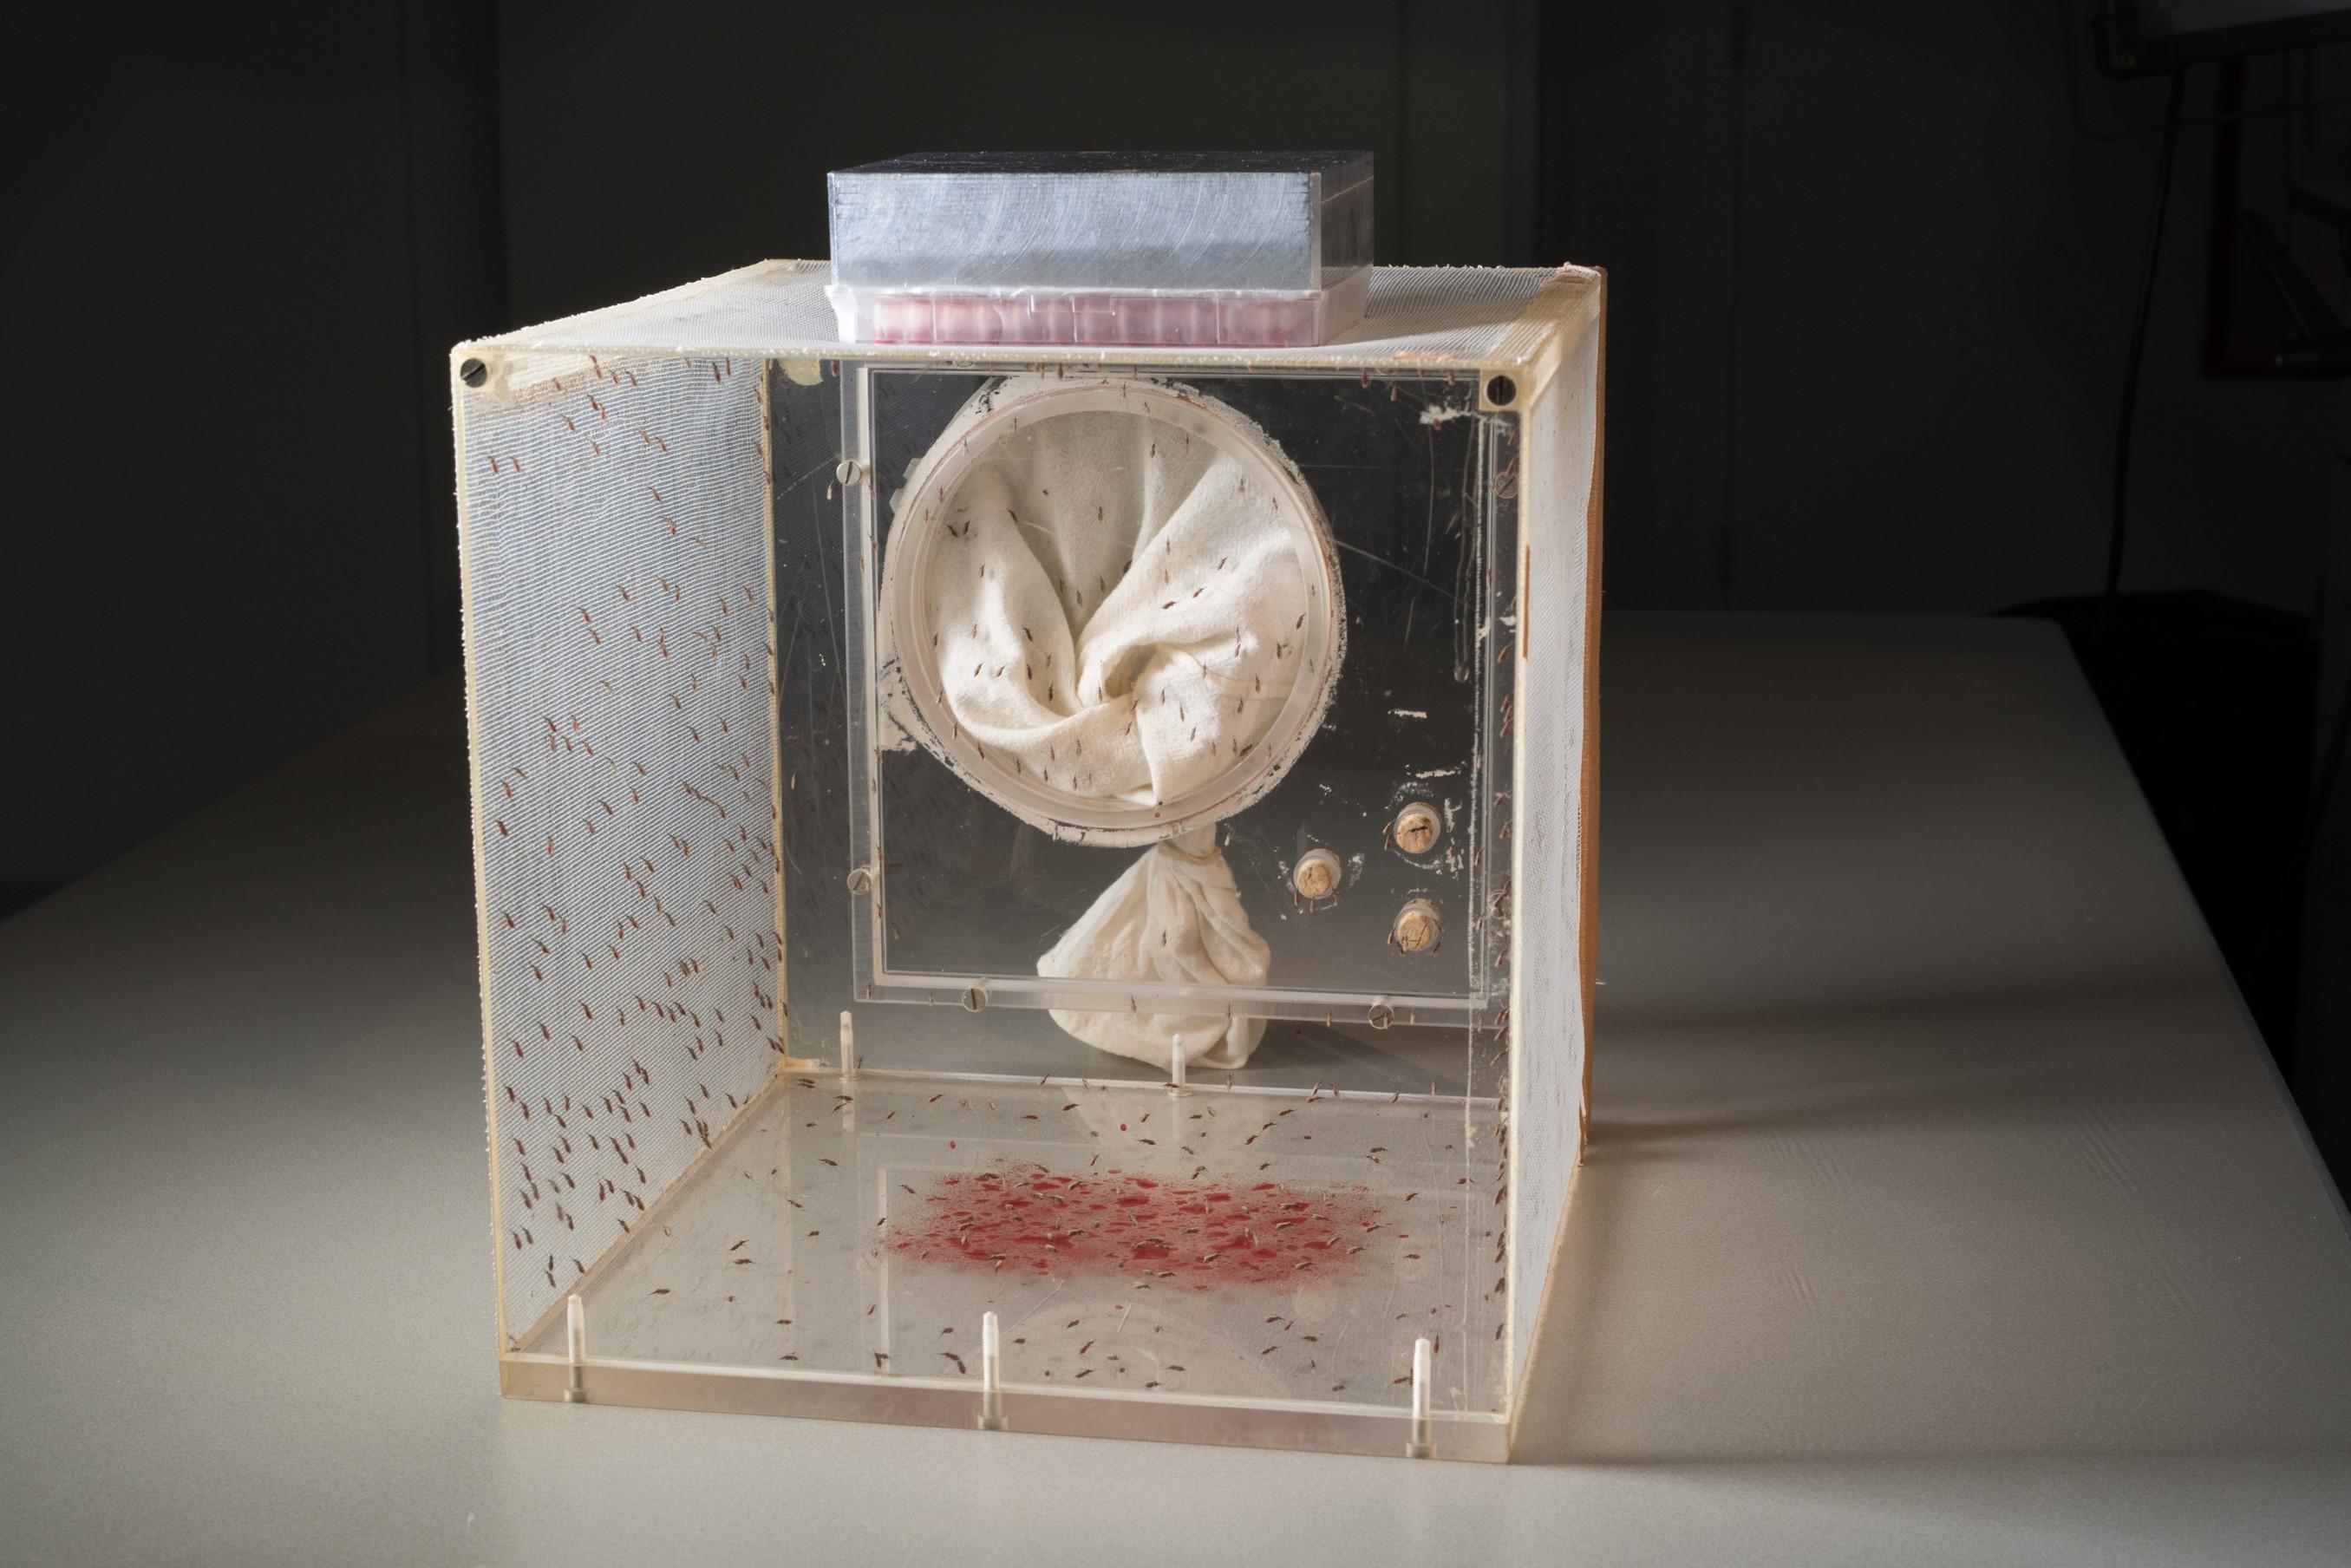 人工吸血装置